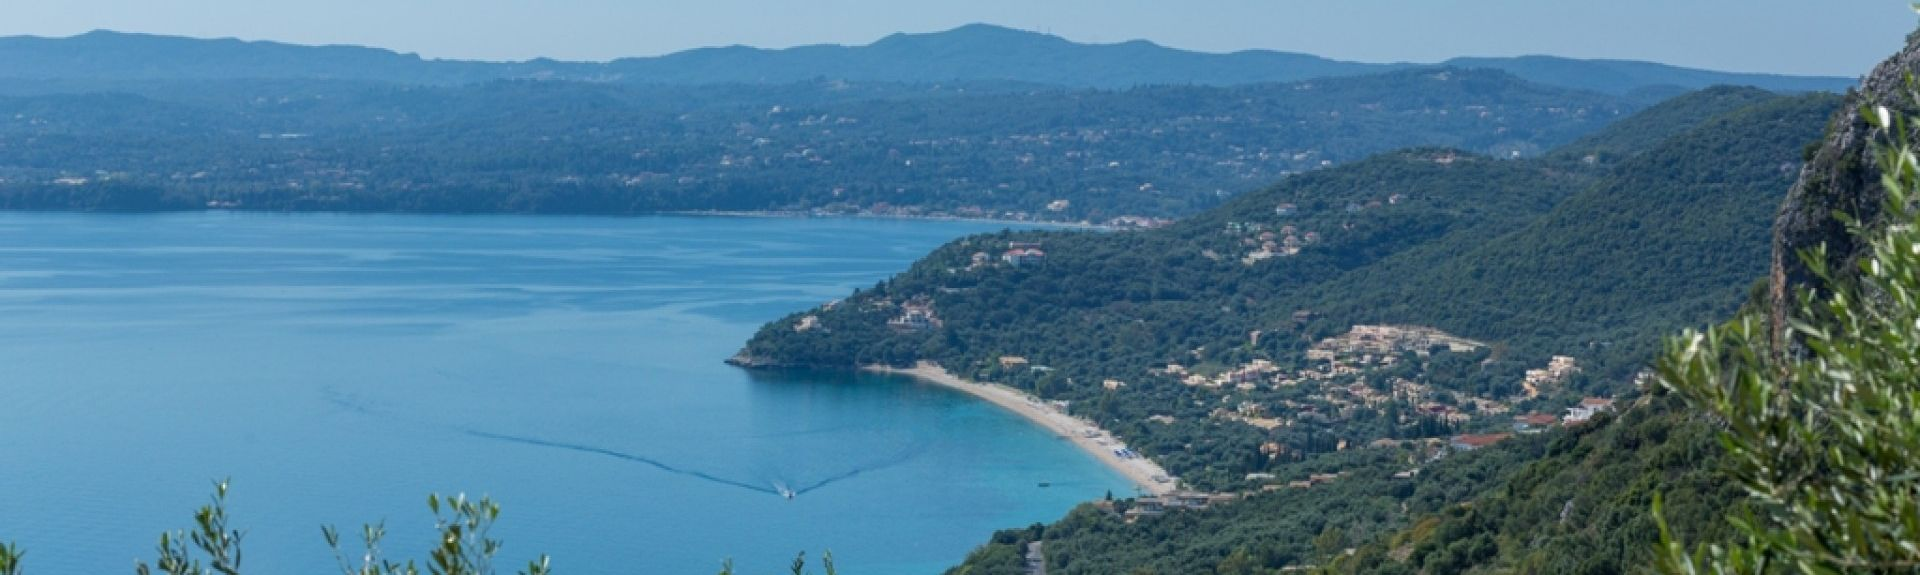 Parelioi, Administração Descentralizada do Peloponeso, Grécia Ocidental e Ilhas Jónicas, Grécia